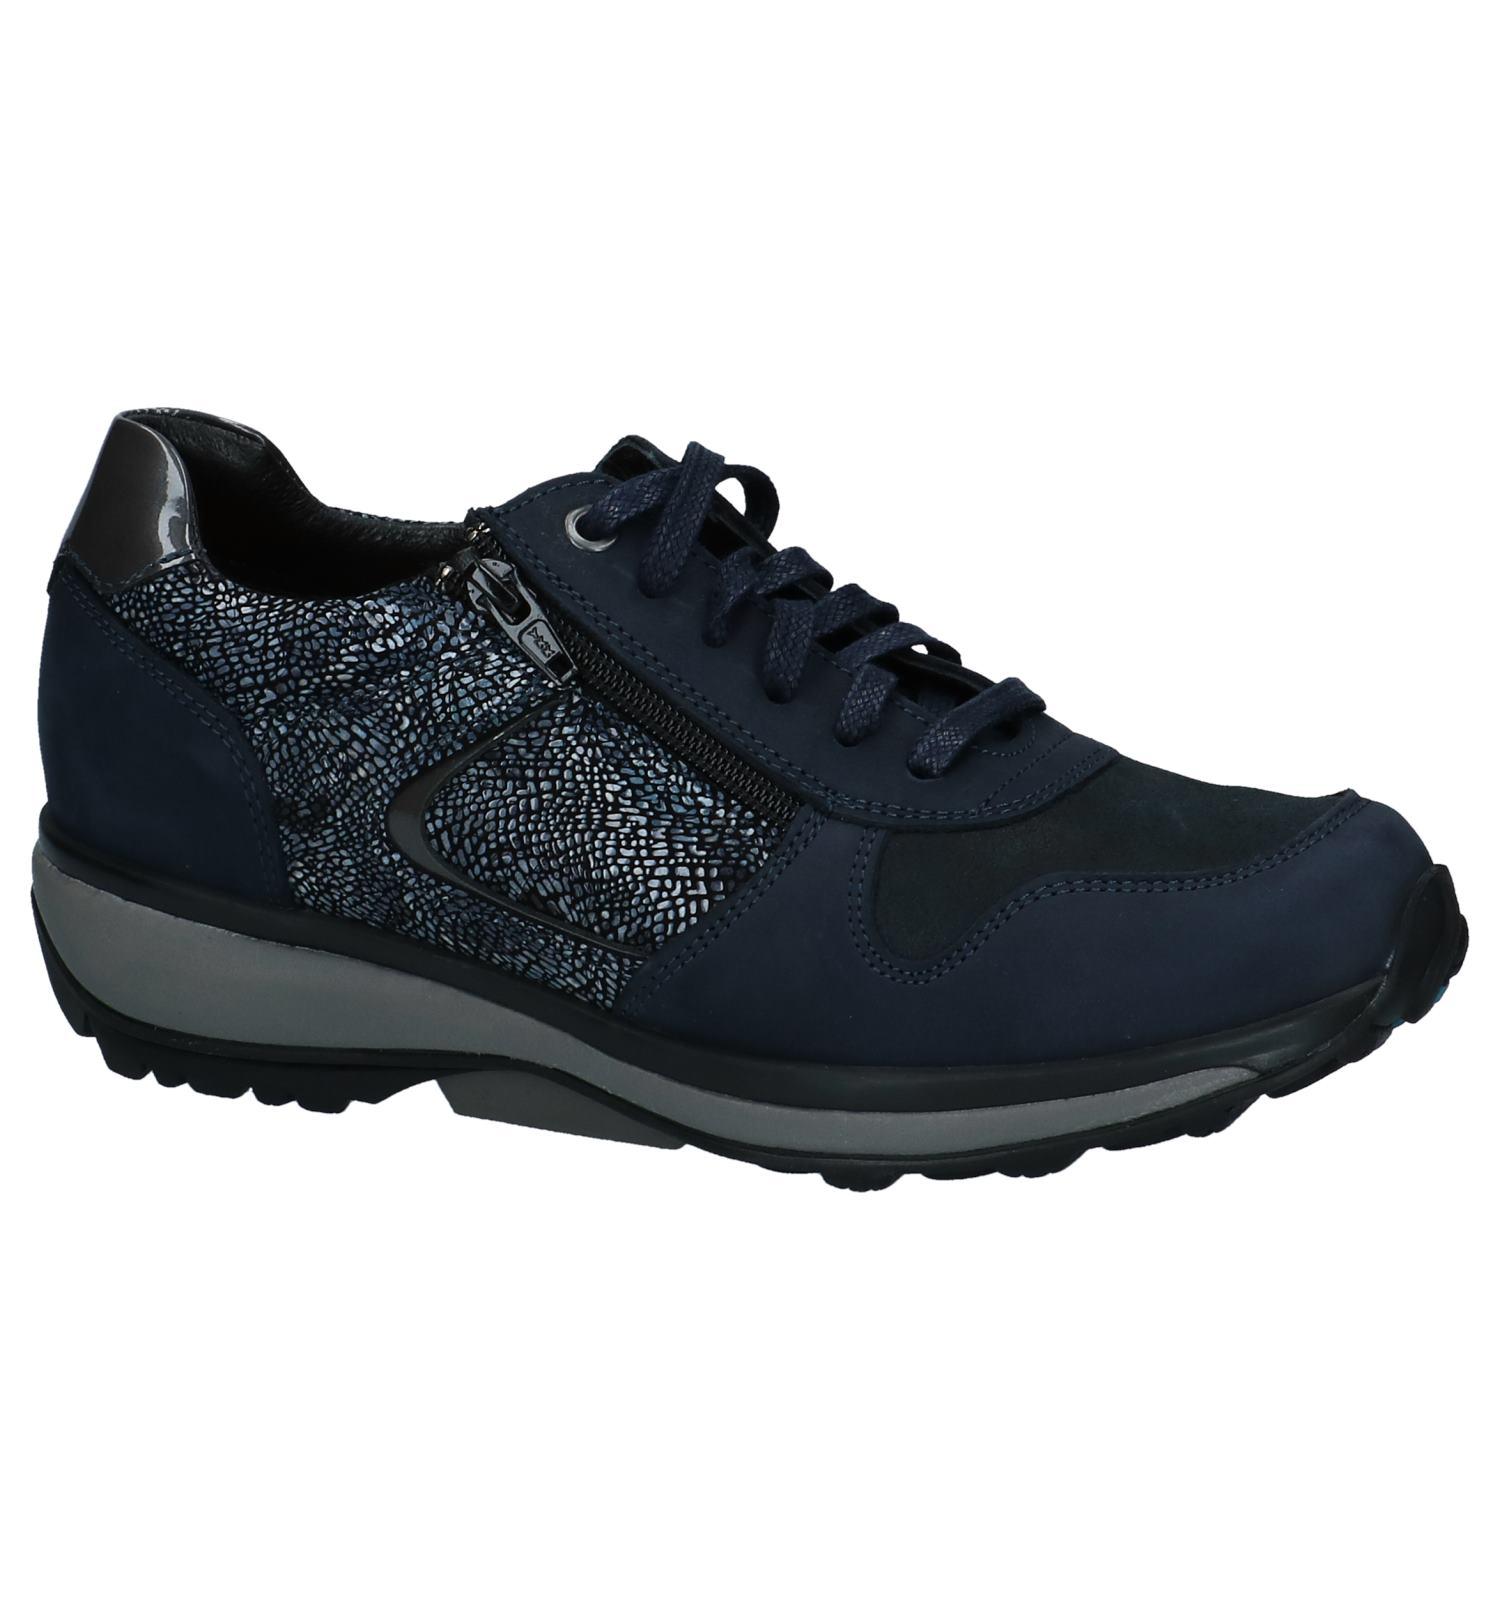 Xsensible Stretchwalker Dames Sneakers Taupe 30207.2   Van